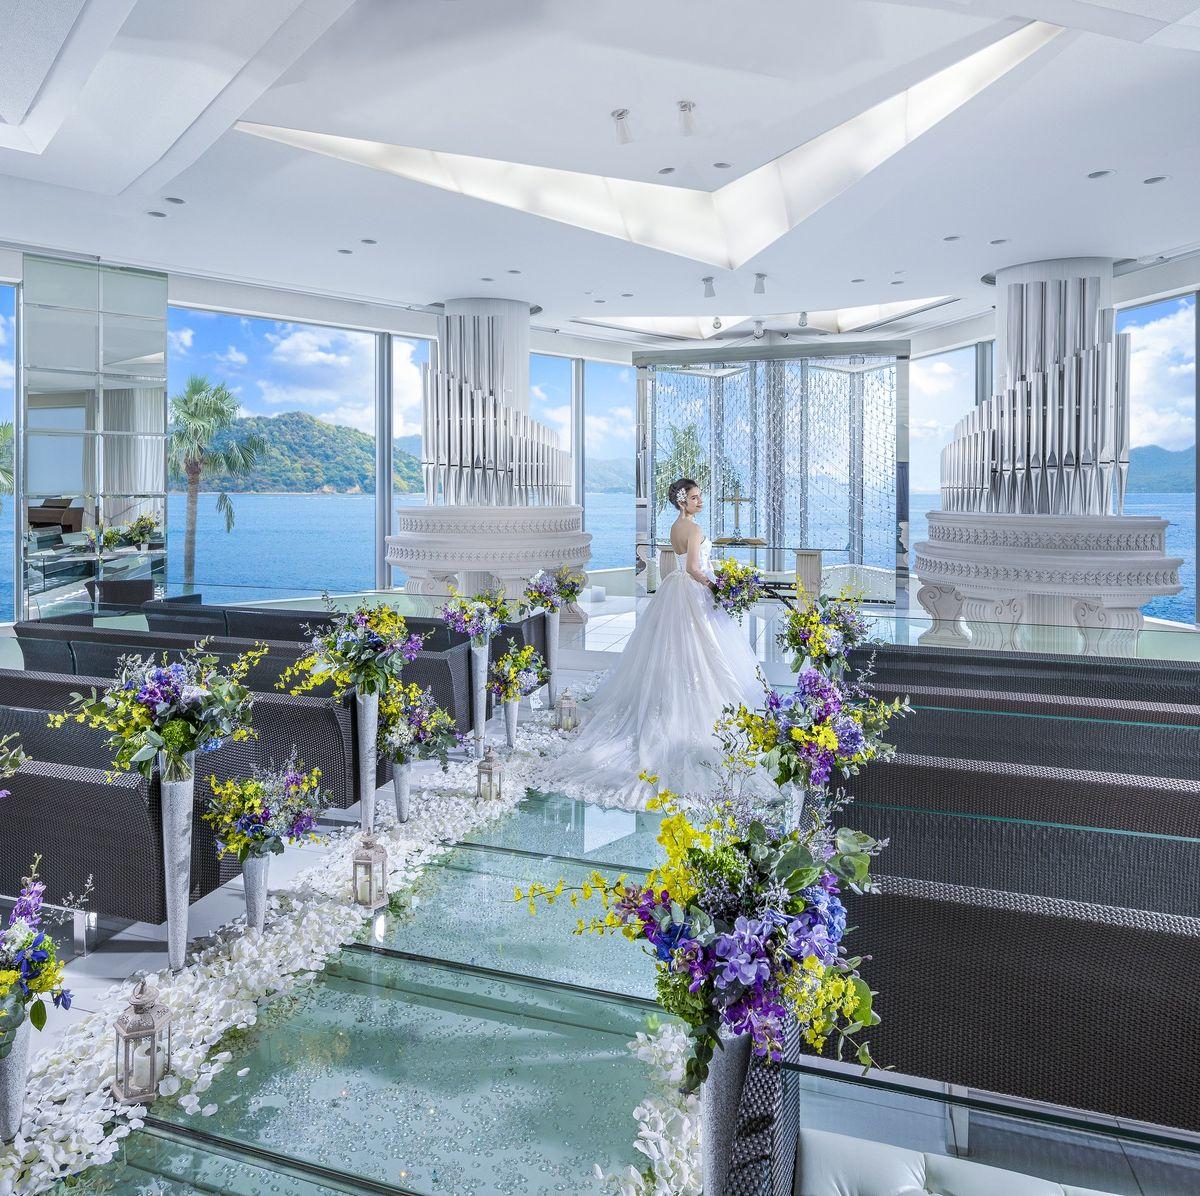 グランドプリンスホテル広島の公式写真1枚目